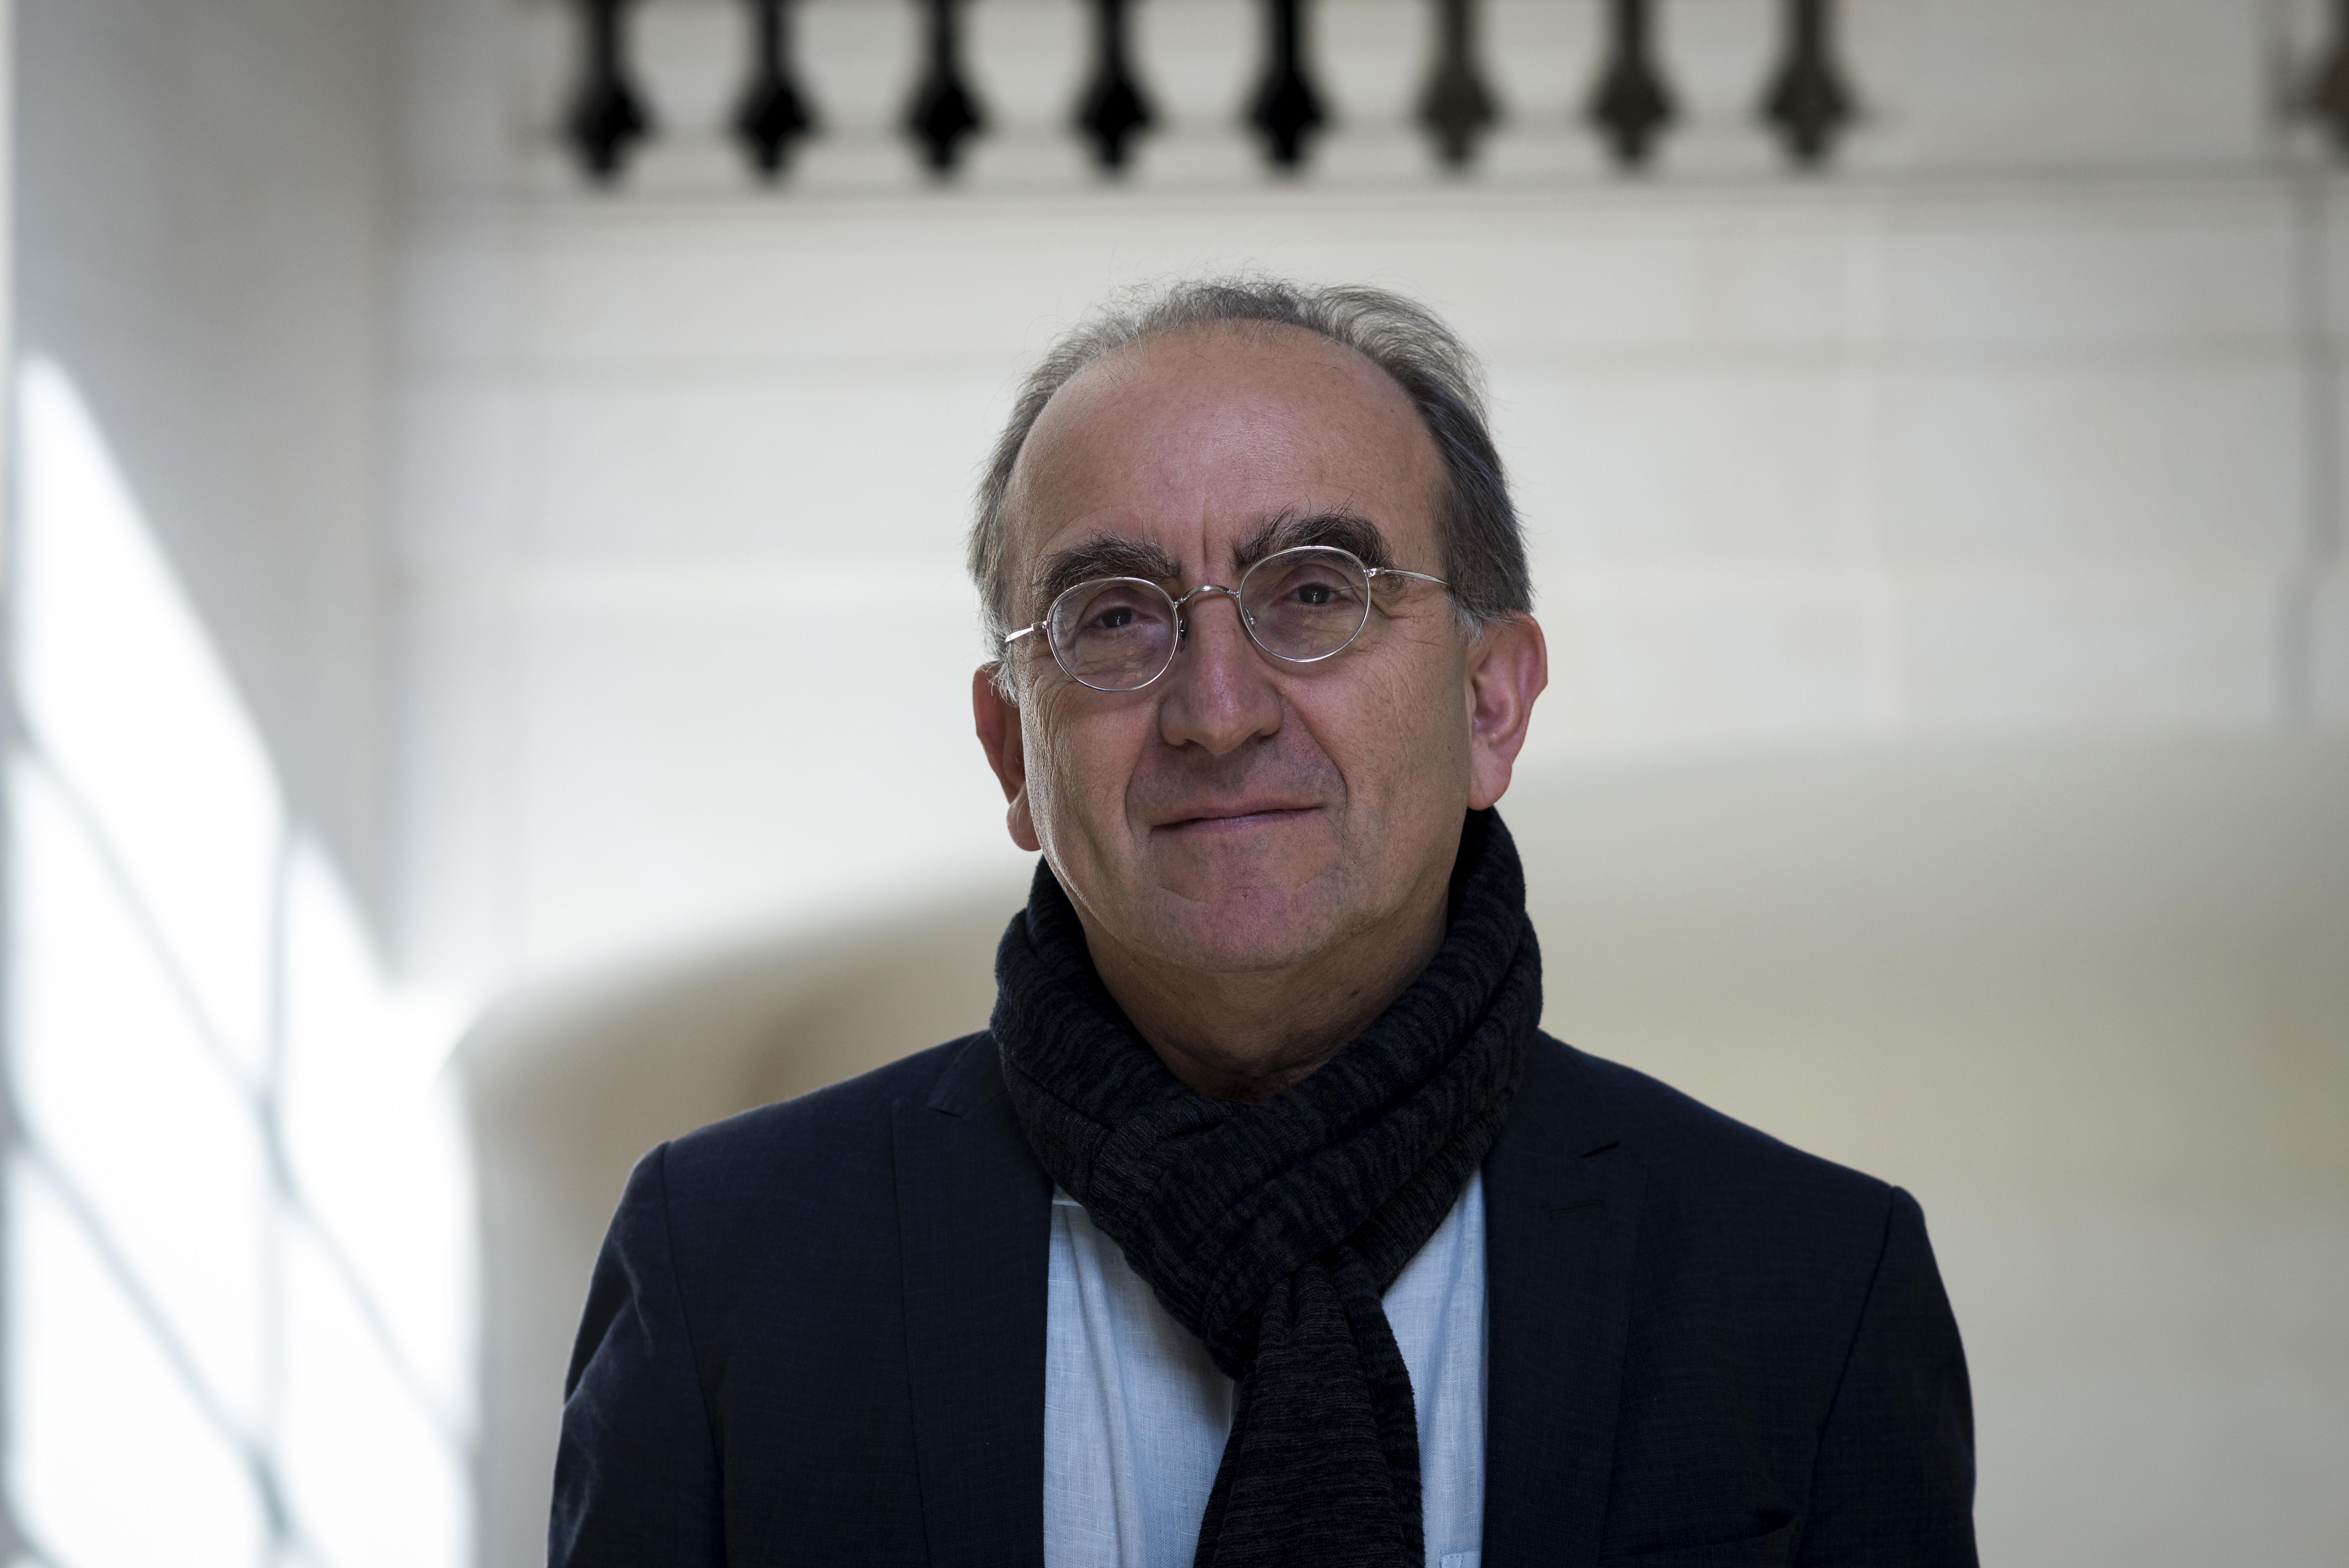 Archéologie du judaïsme en France, avec Paul Salmona